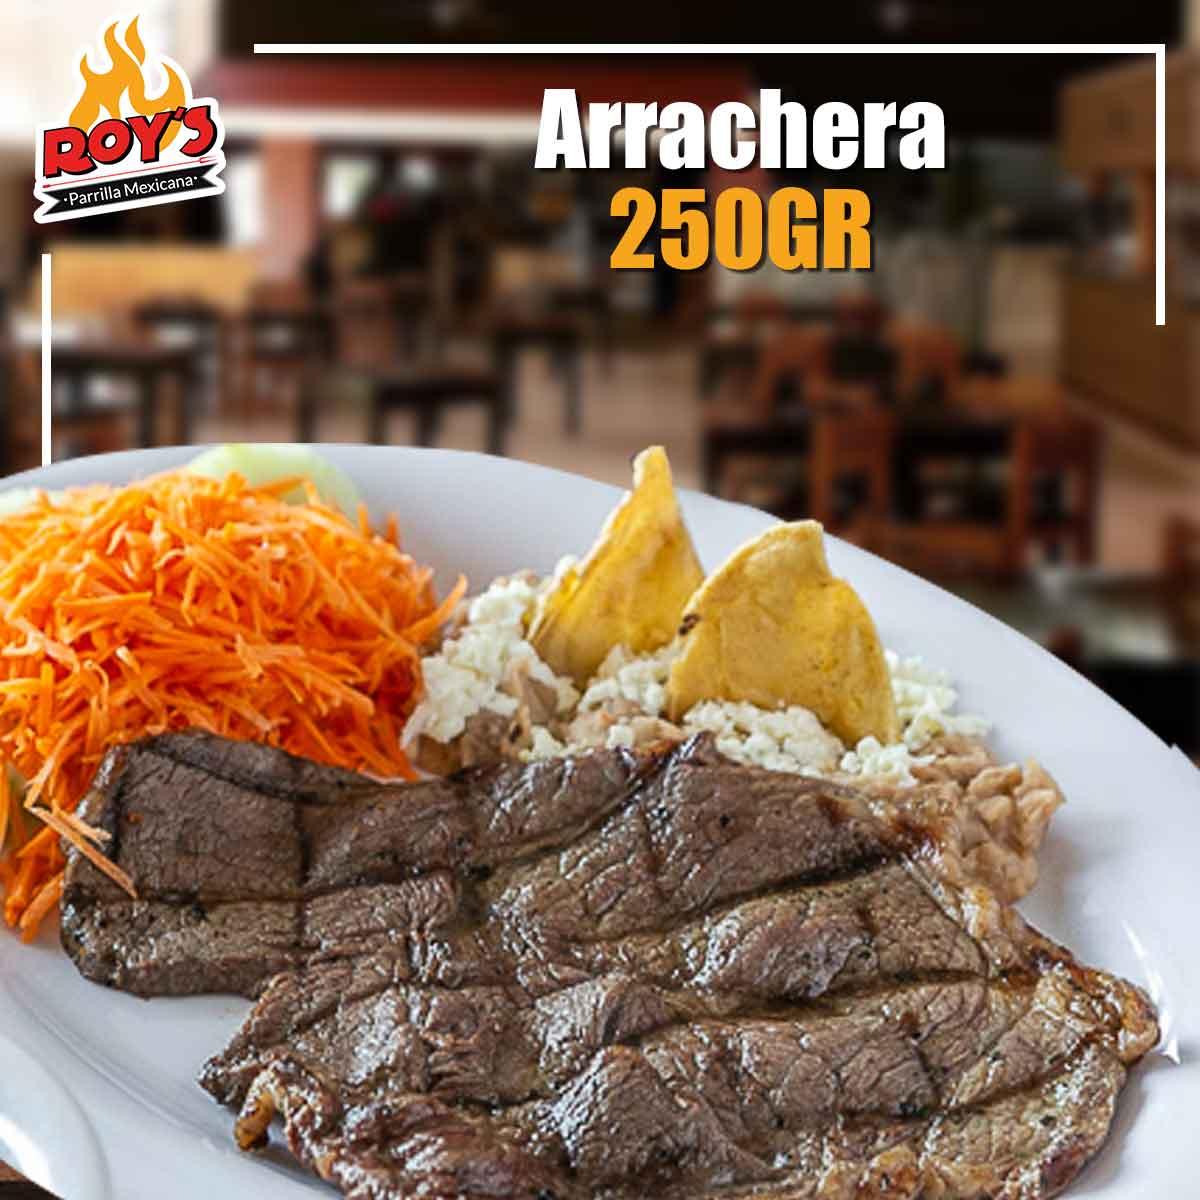 Arrachera 250gr